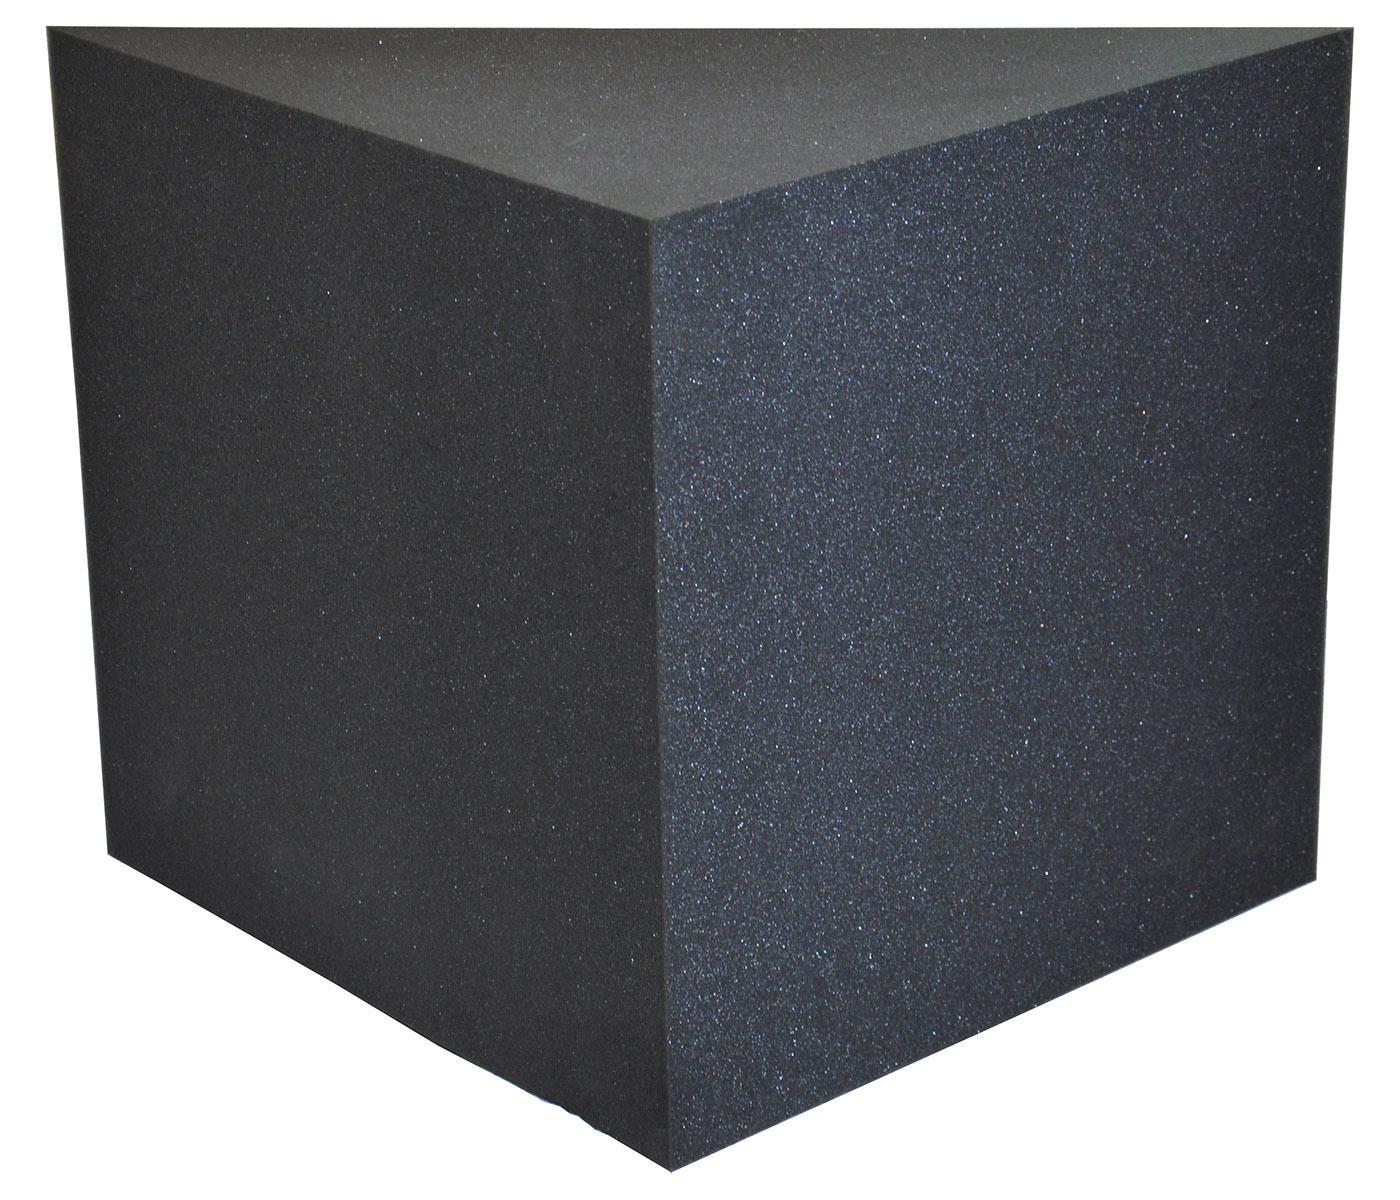 Dämmung Akustik Schaumstoff Schaumstoffplatte Dämmung Dekor Platte Schall Absorbierung GüNstigster Preis Von Unserer Website